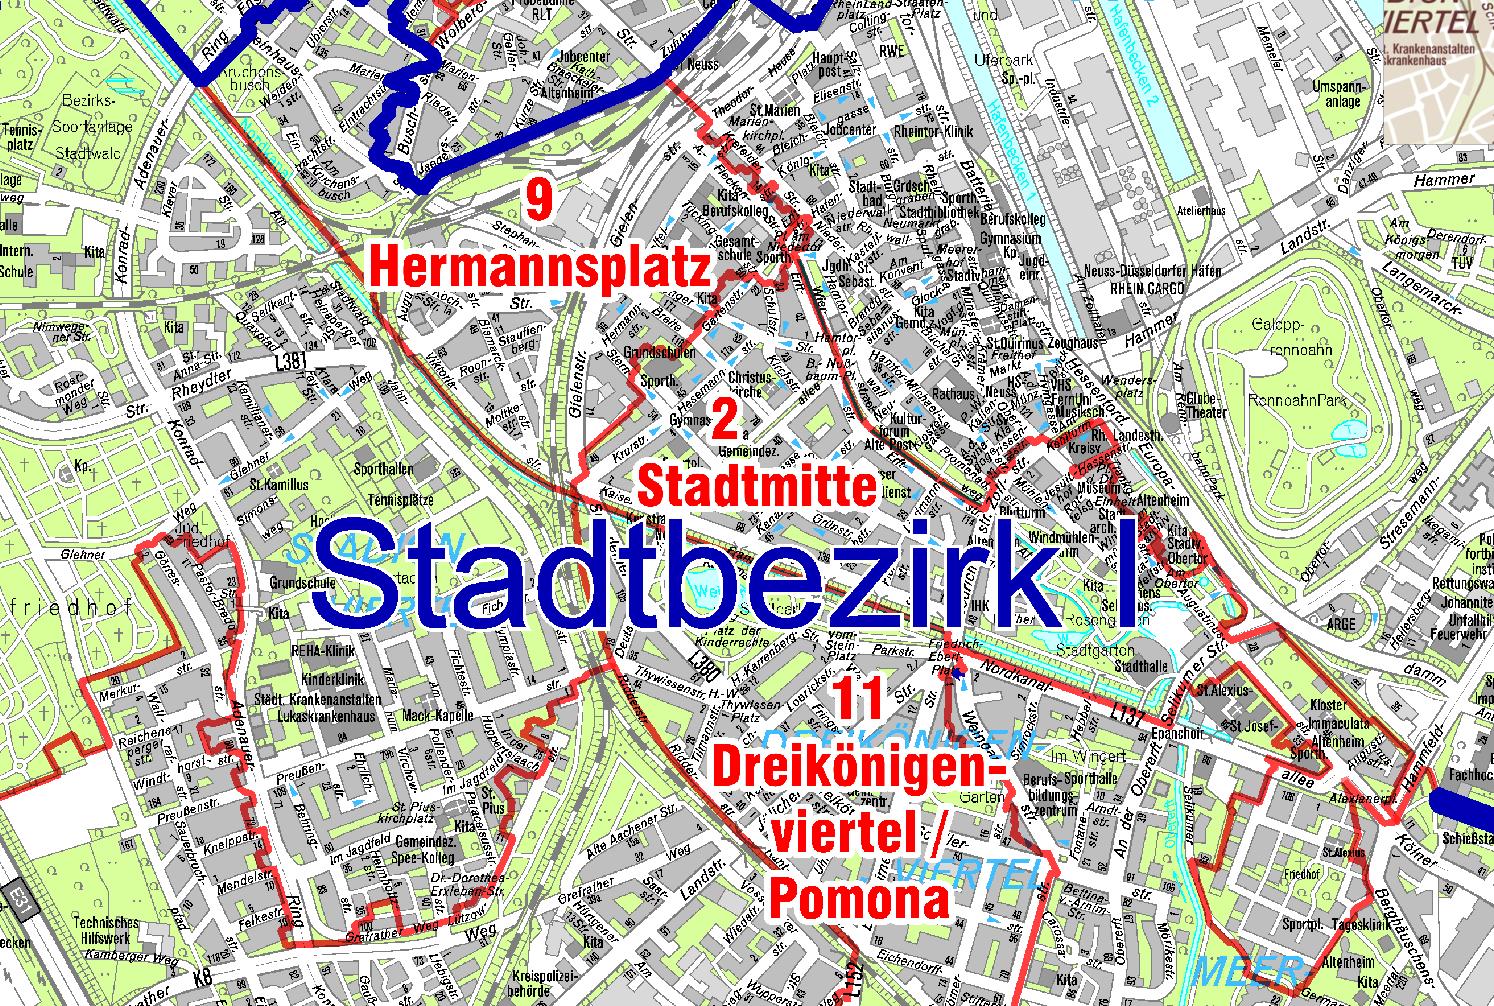 stadtplan-viewer-2020--wahlkarte-2020.jpg